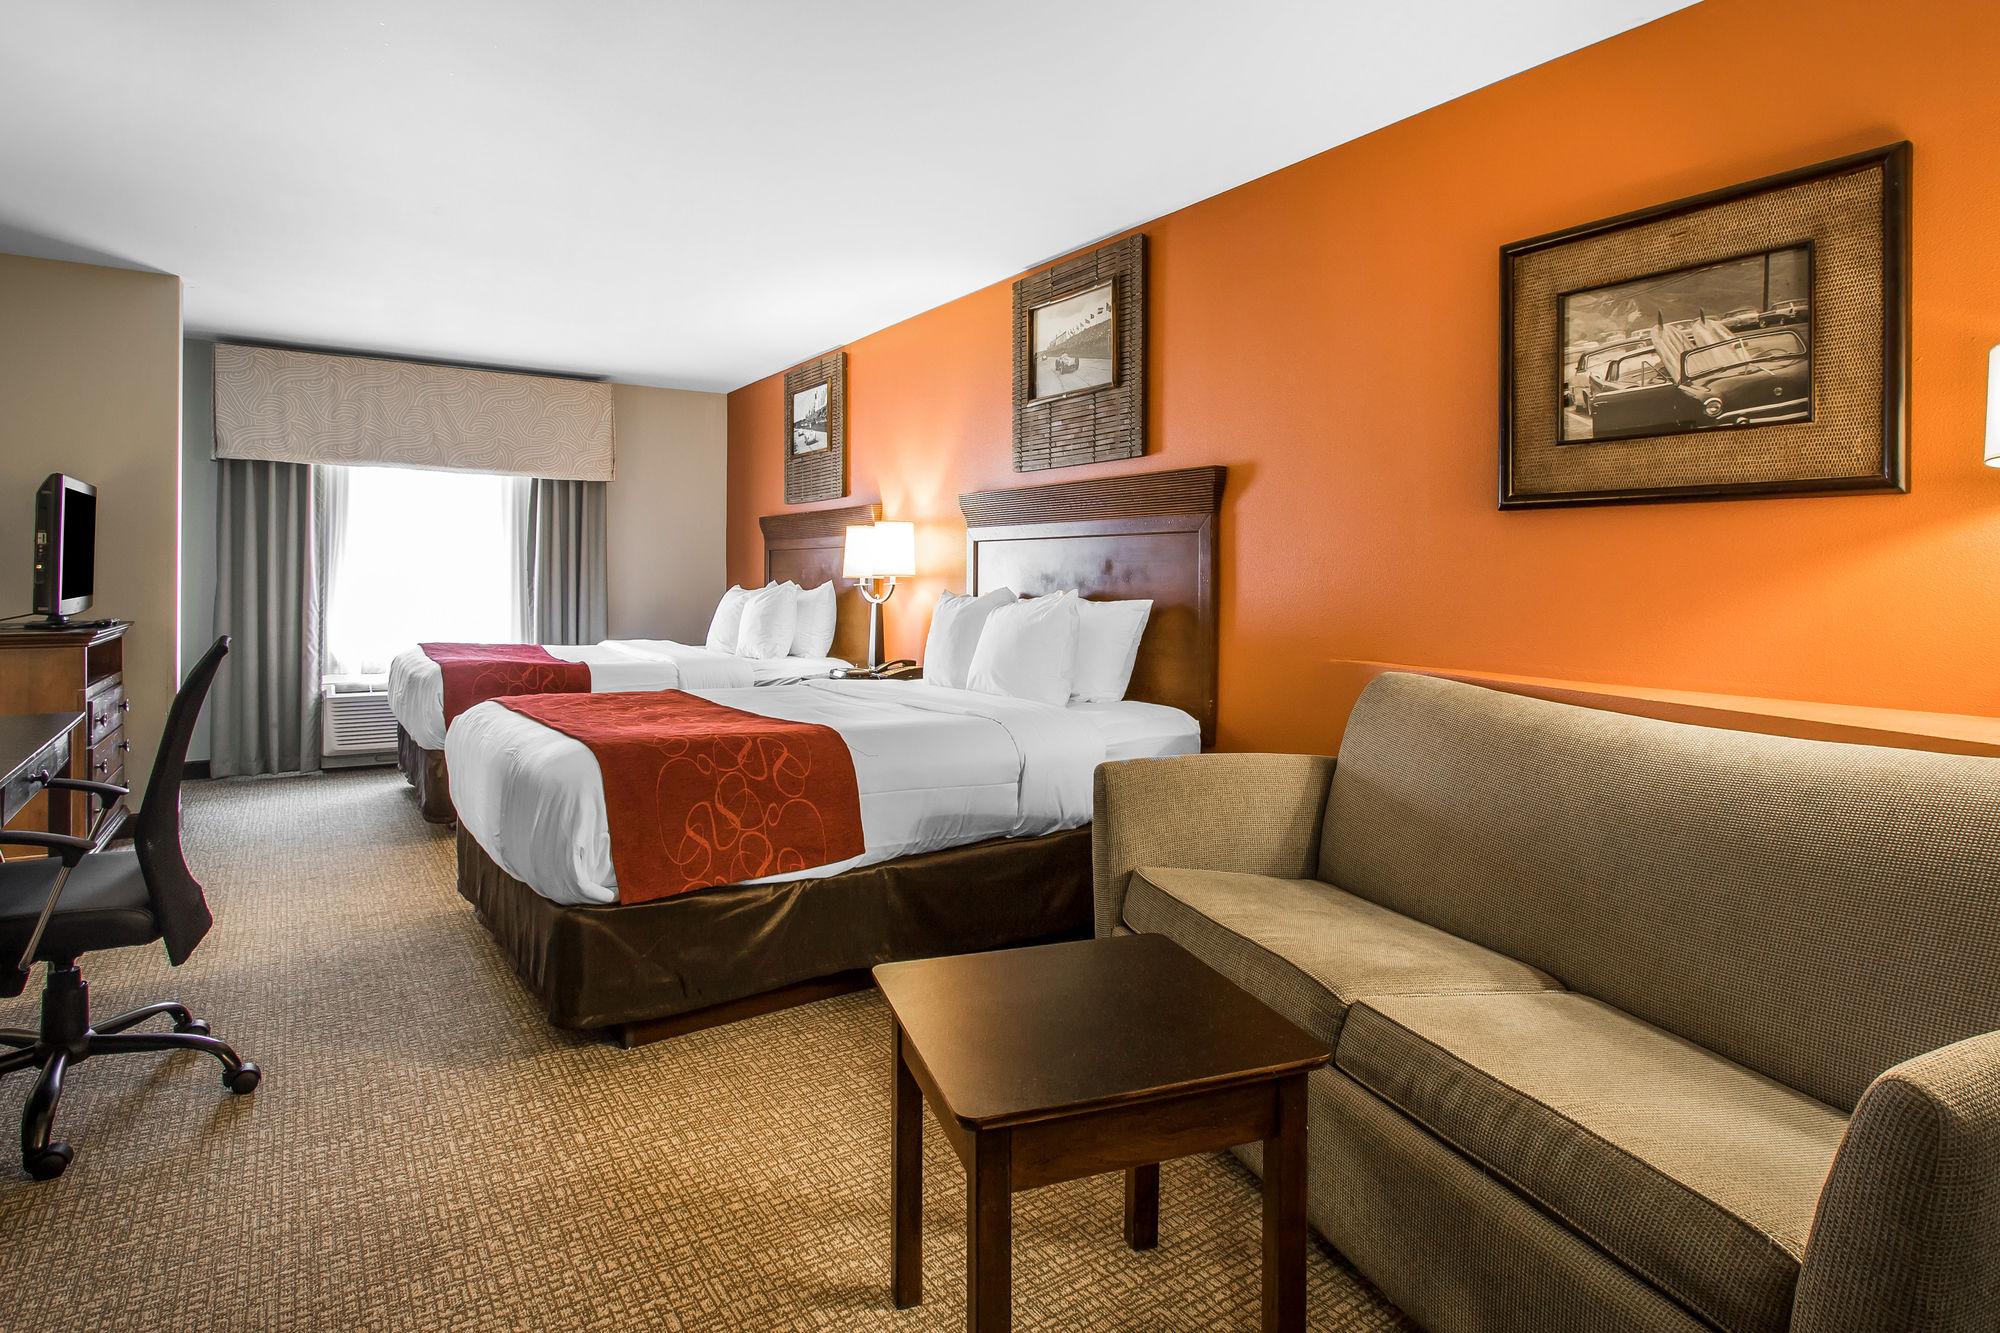 Comfort Suites in Pelham, AL